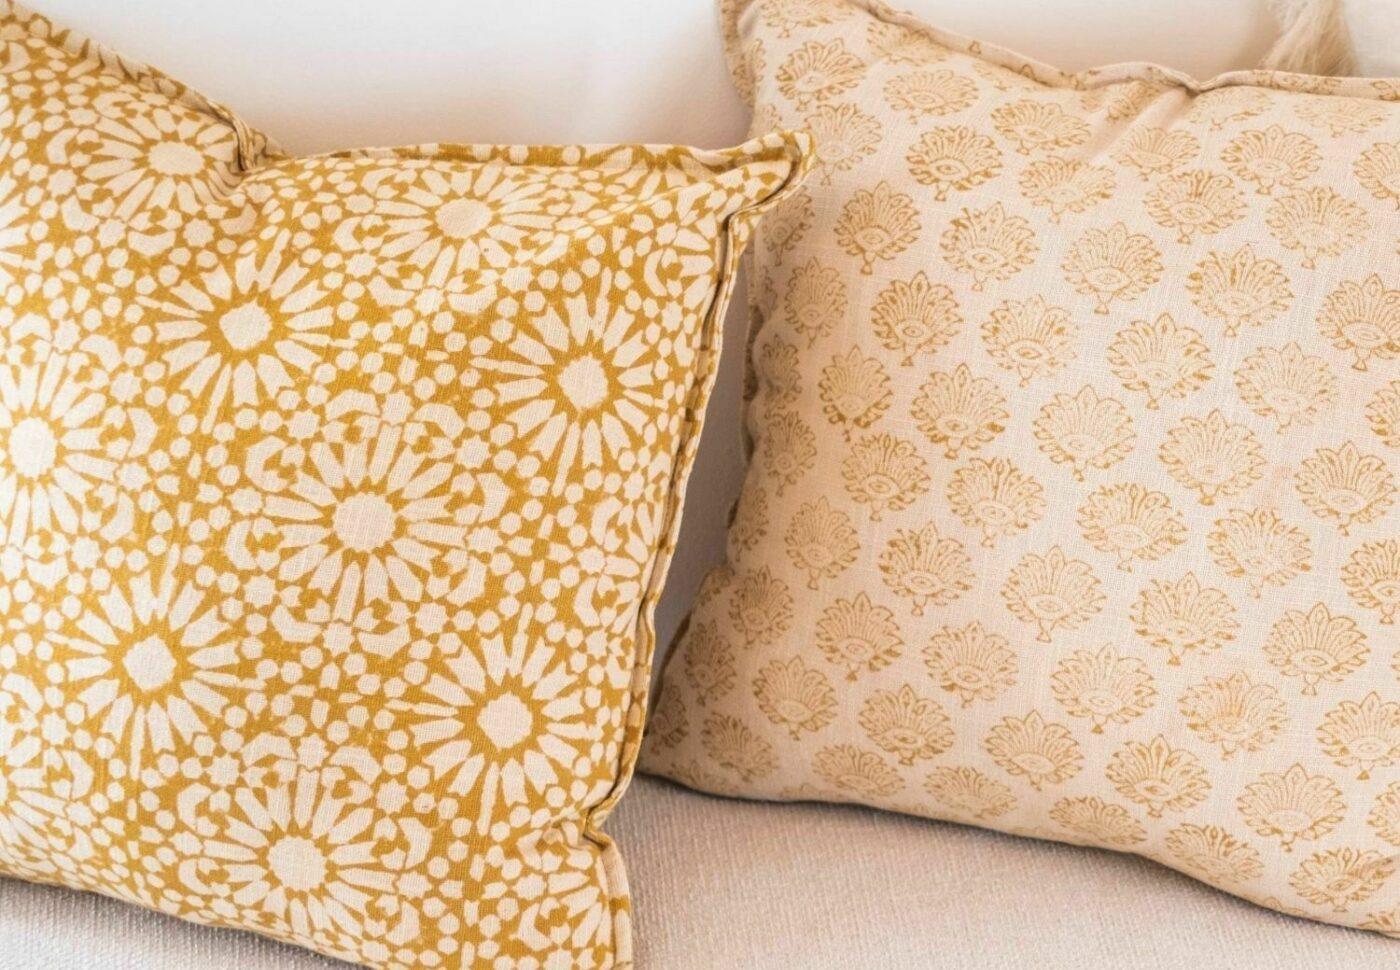 Cojin de algodon estampado marigold